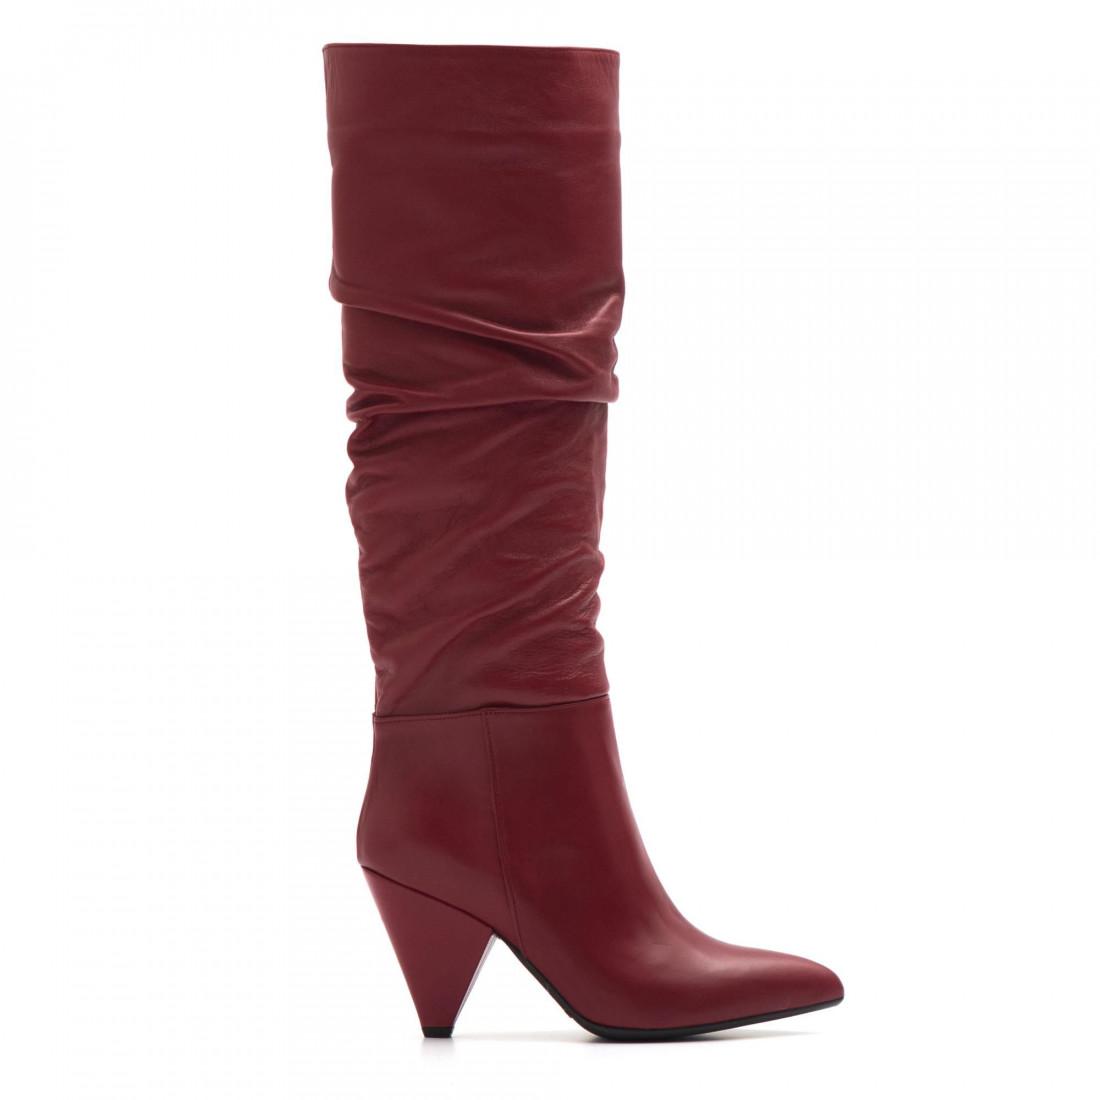 nuovo concetto 5f285 e73a0 Stivali rossi in pelle arricciata con tacco alto a cono